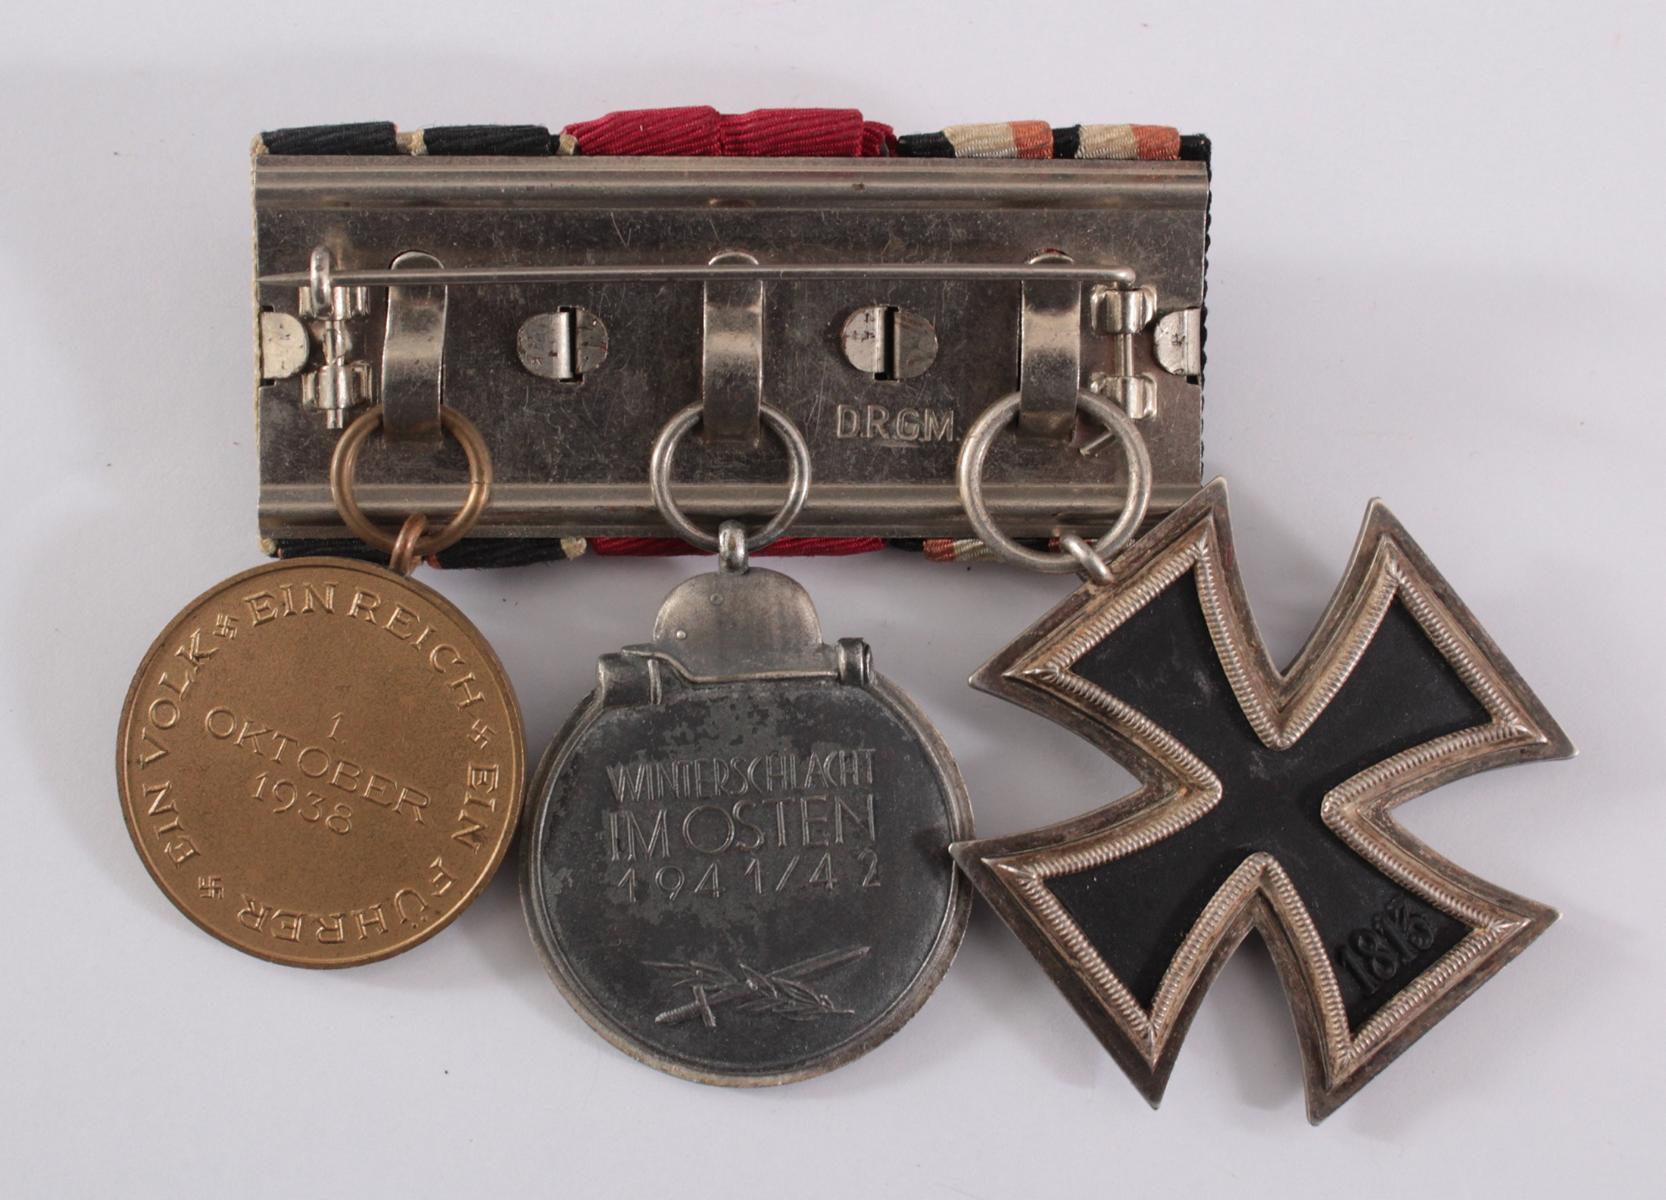 Drittes Reich, Ordensspange mit 3 Auszeichnungen-2